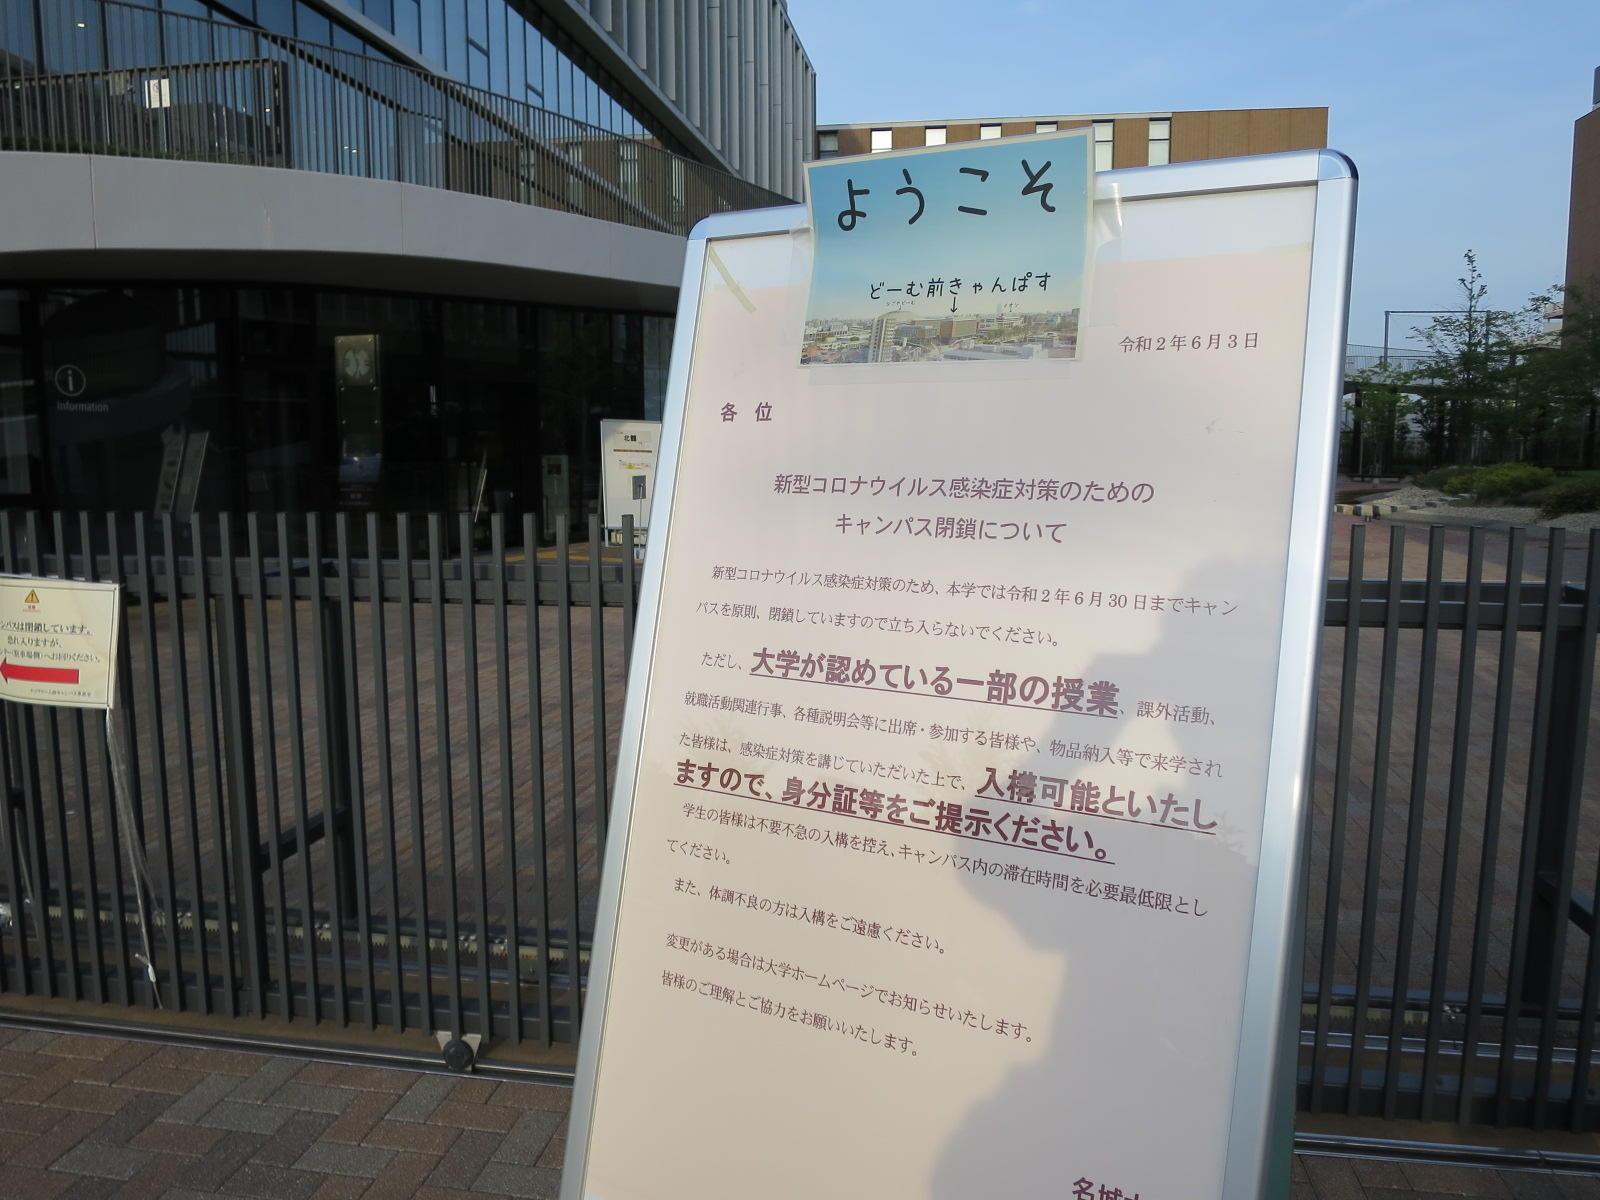 キャンパス閉鎖を伝えるナゴヤドーム前キャンパスの看板=6月9日撮影